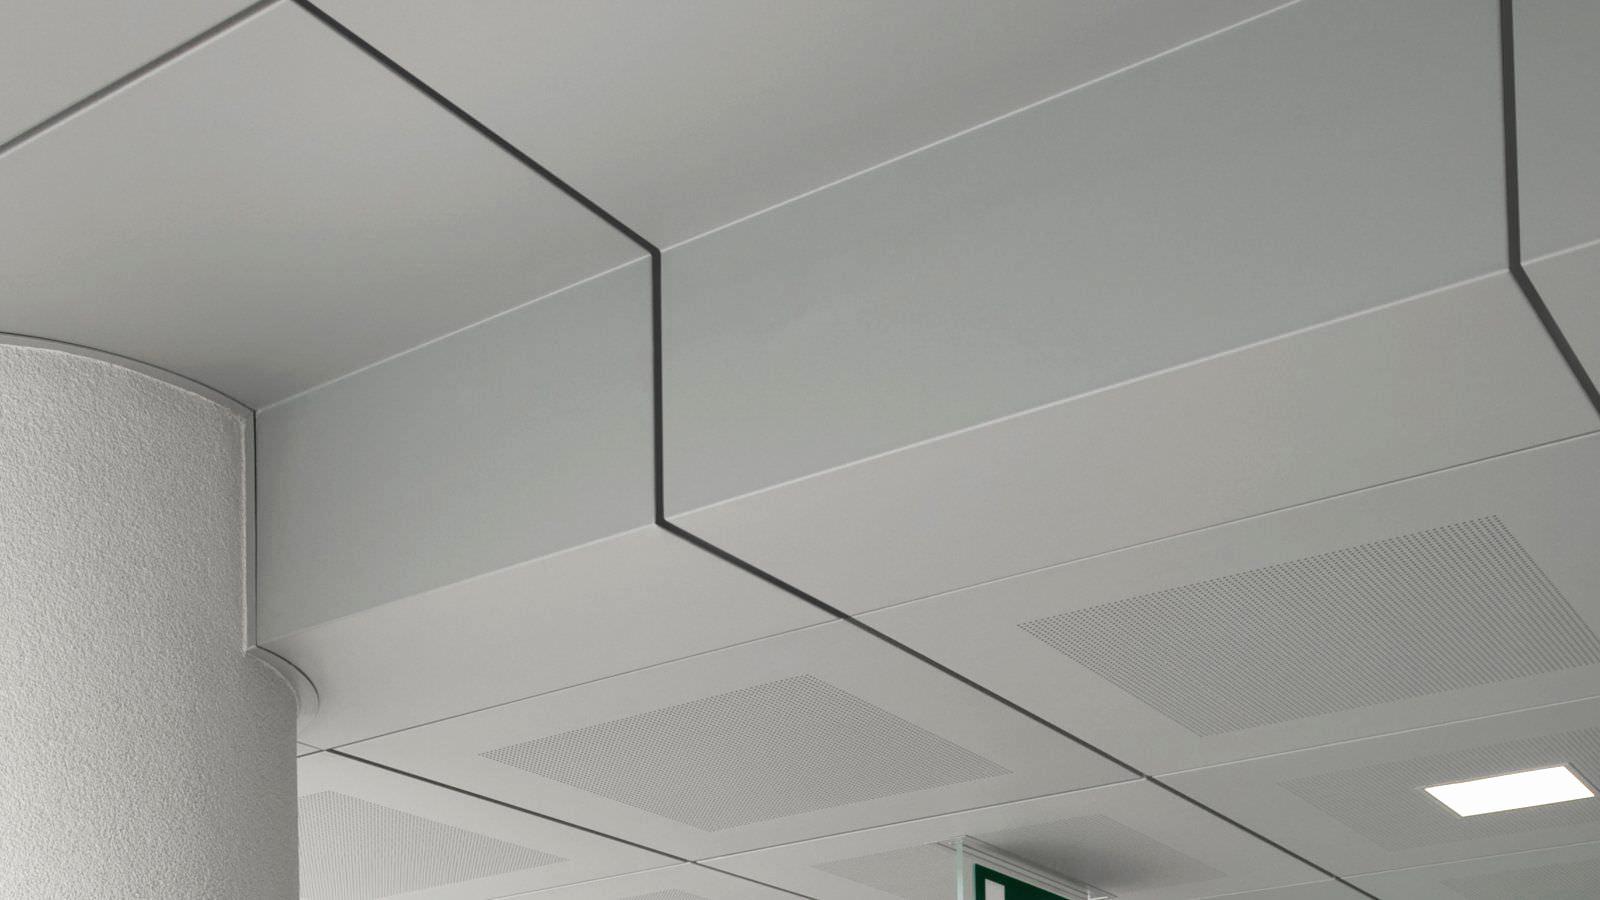 Dalle Faux Plafond 60X60 Brico Depot Source D'inspiration ... encequiconcerne Dalle Faux Plafond 60X60 Brico Dépôt